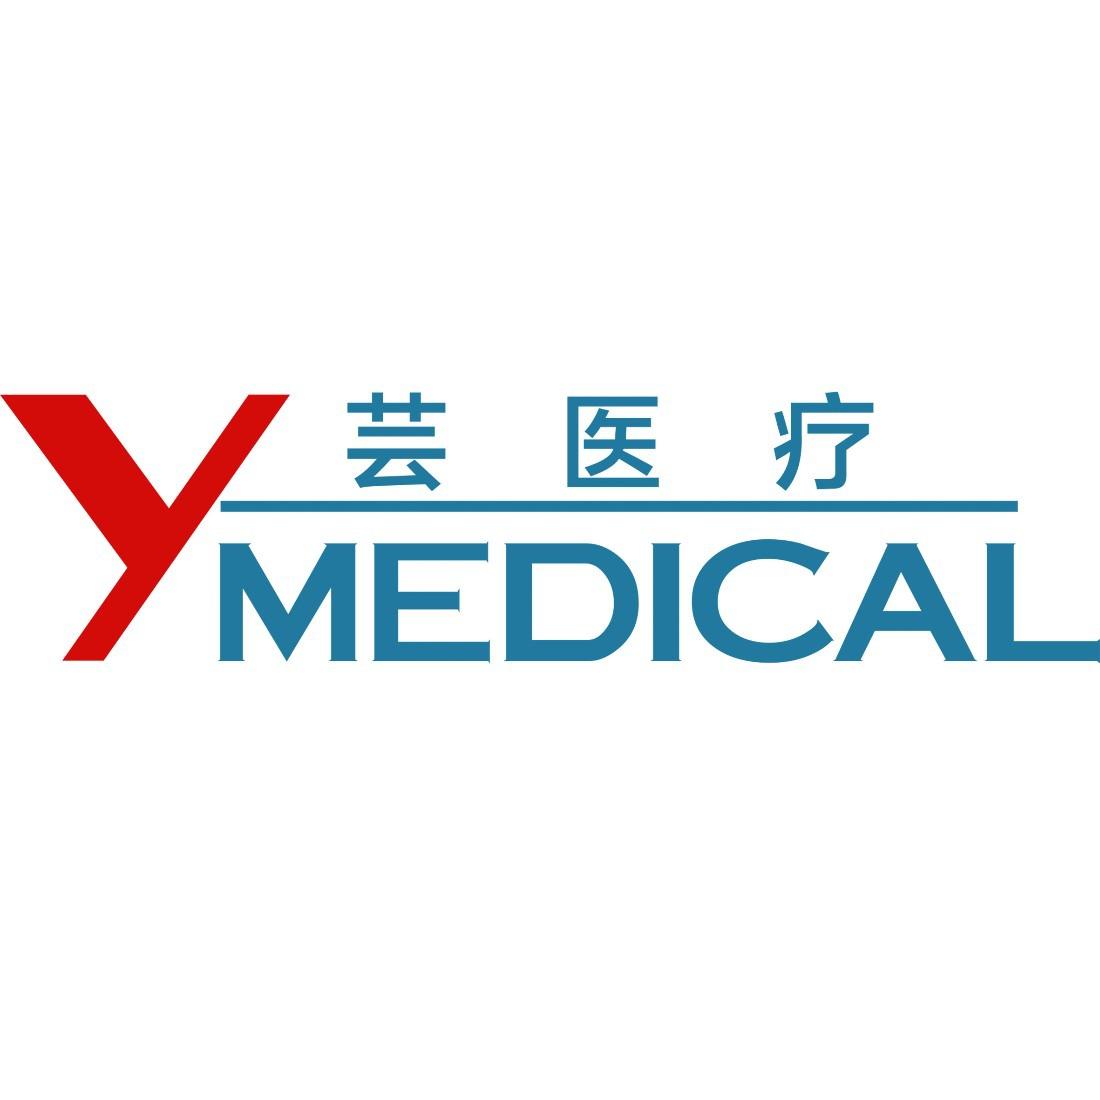 江蘇蕓眾醫療科技有限公司